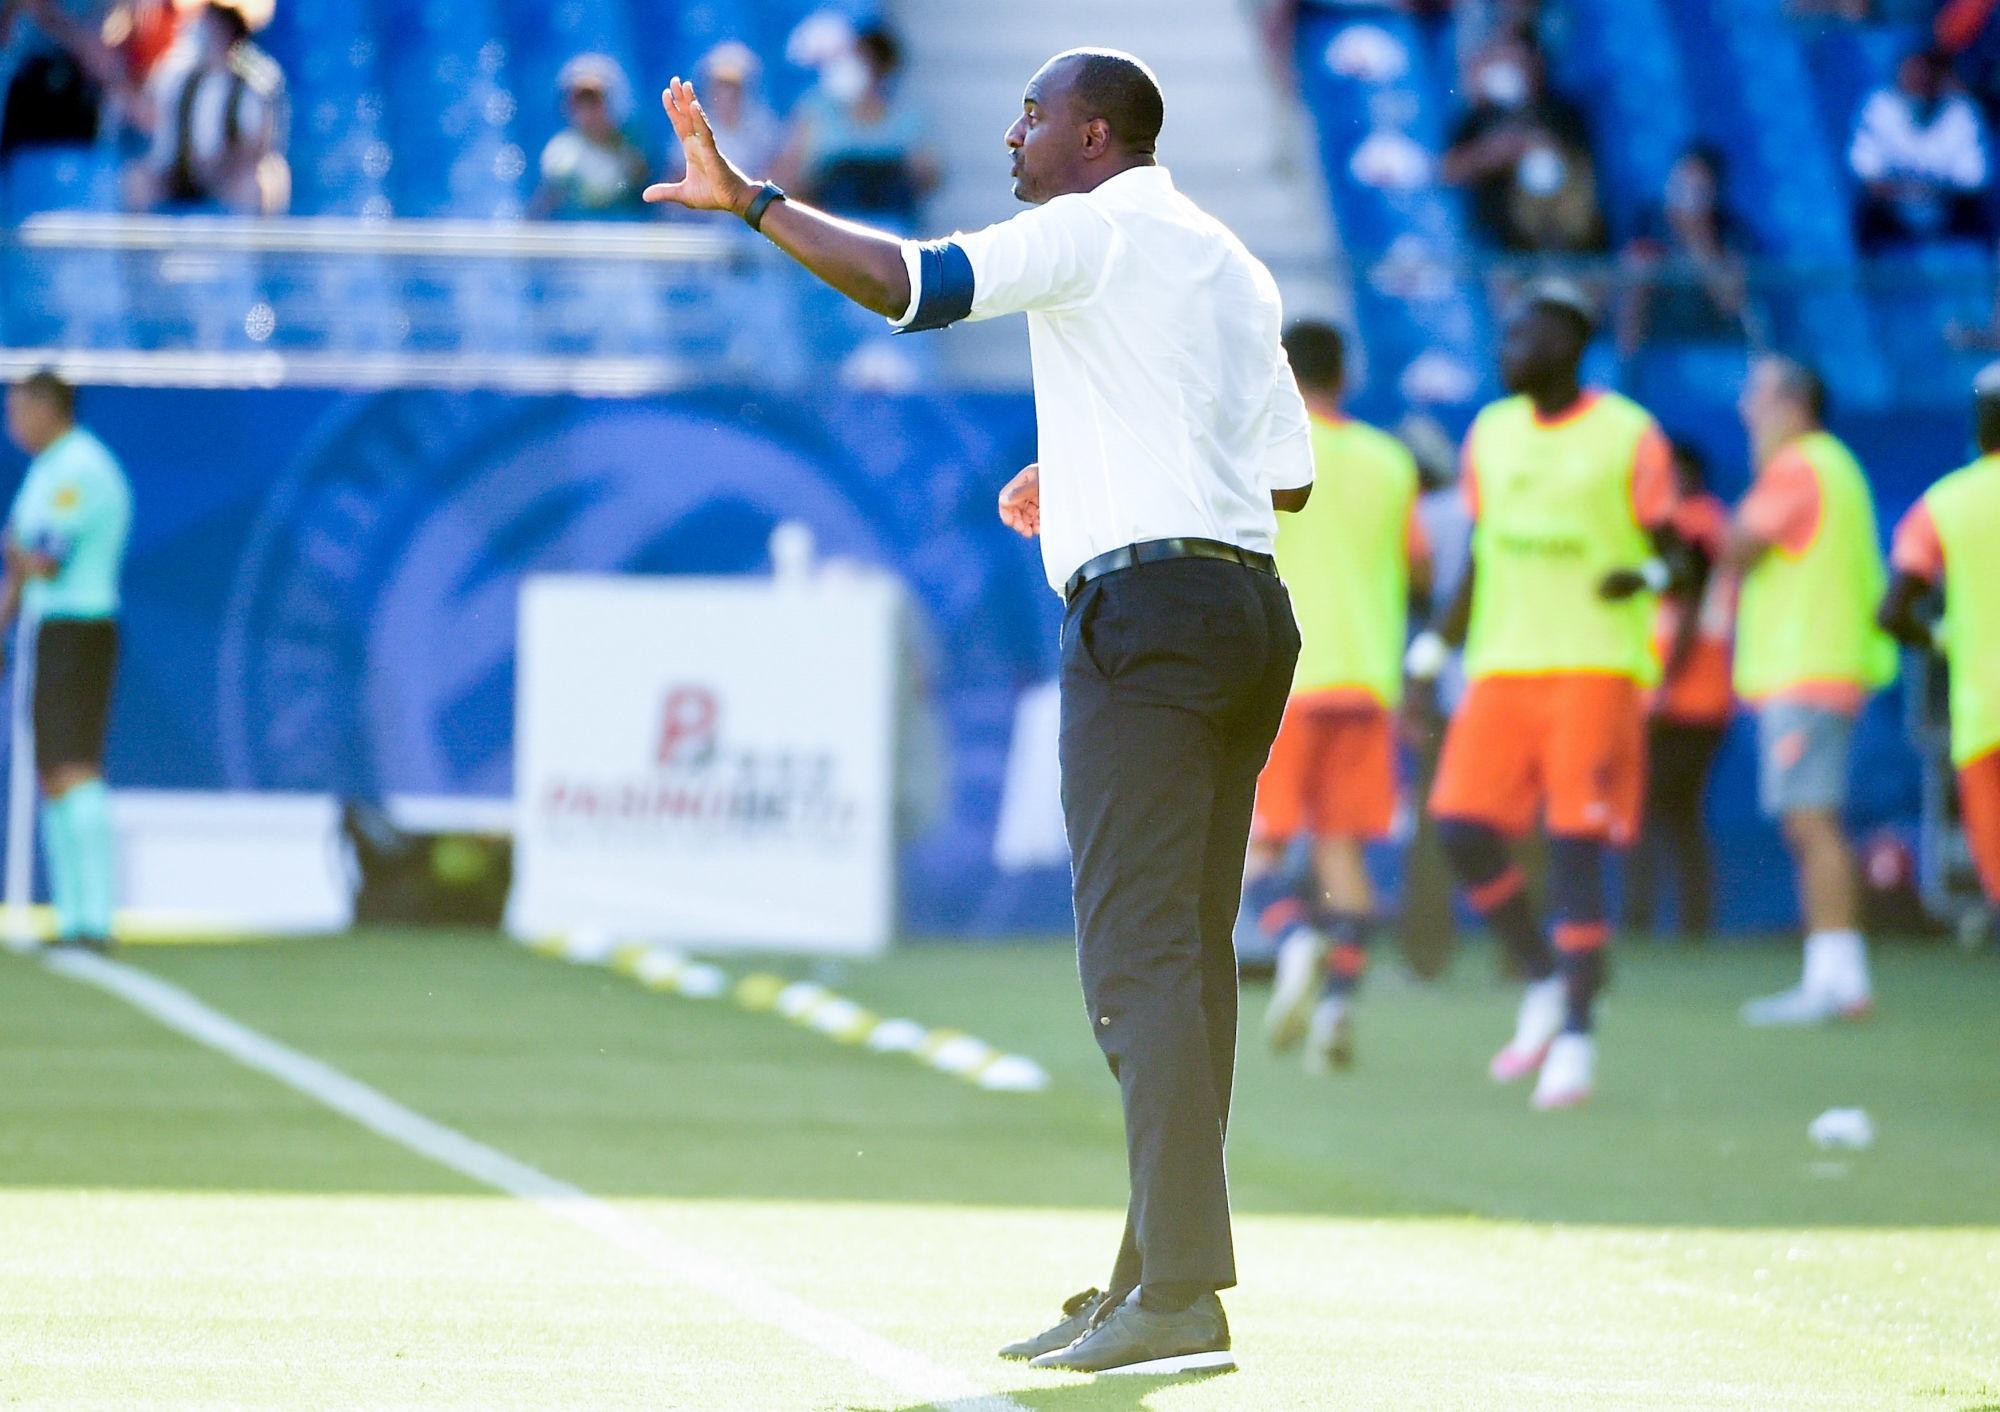 """Nice/PSG - Vieira regrette """"des erreurs qui nous coûtent cher"""""""